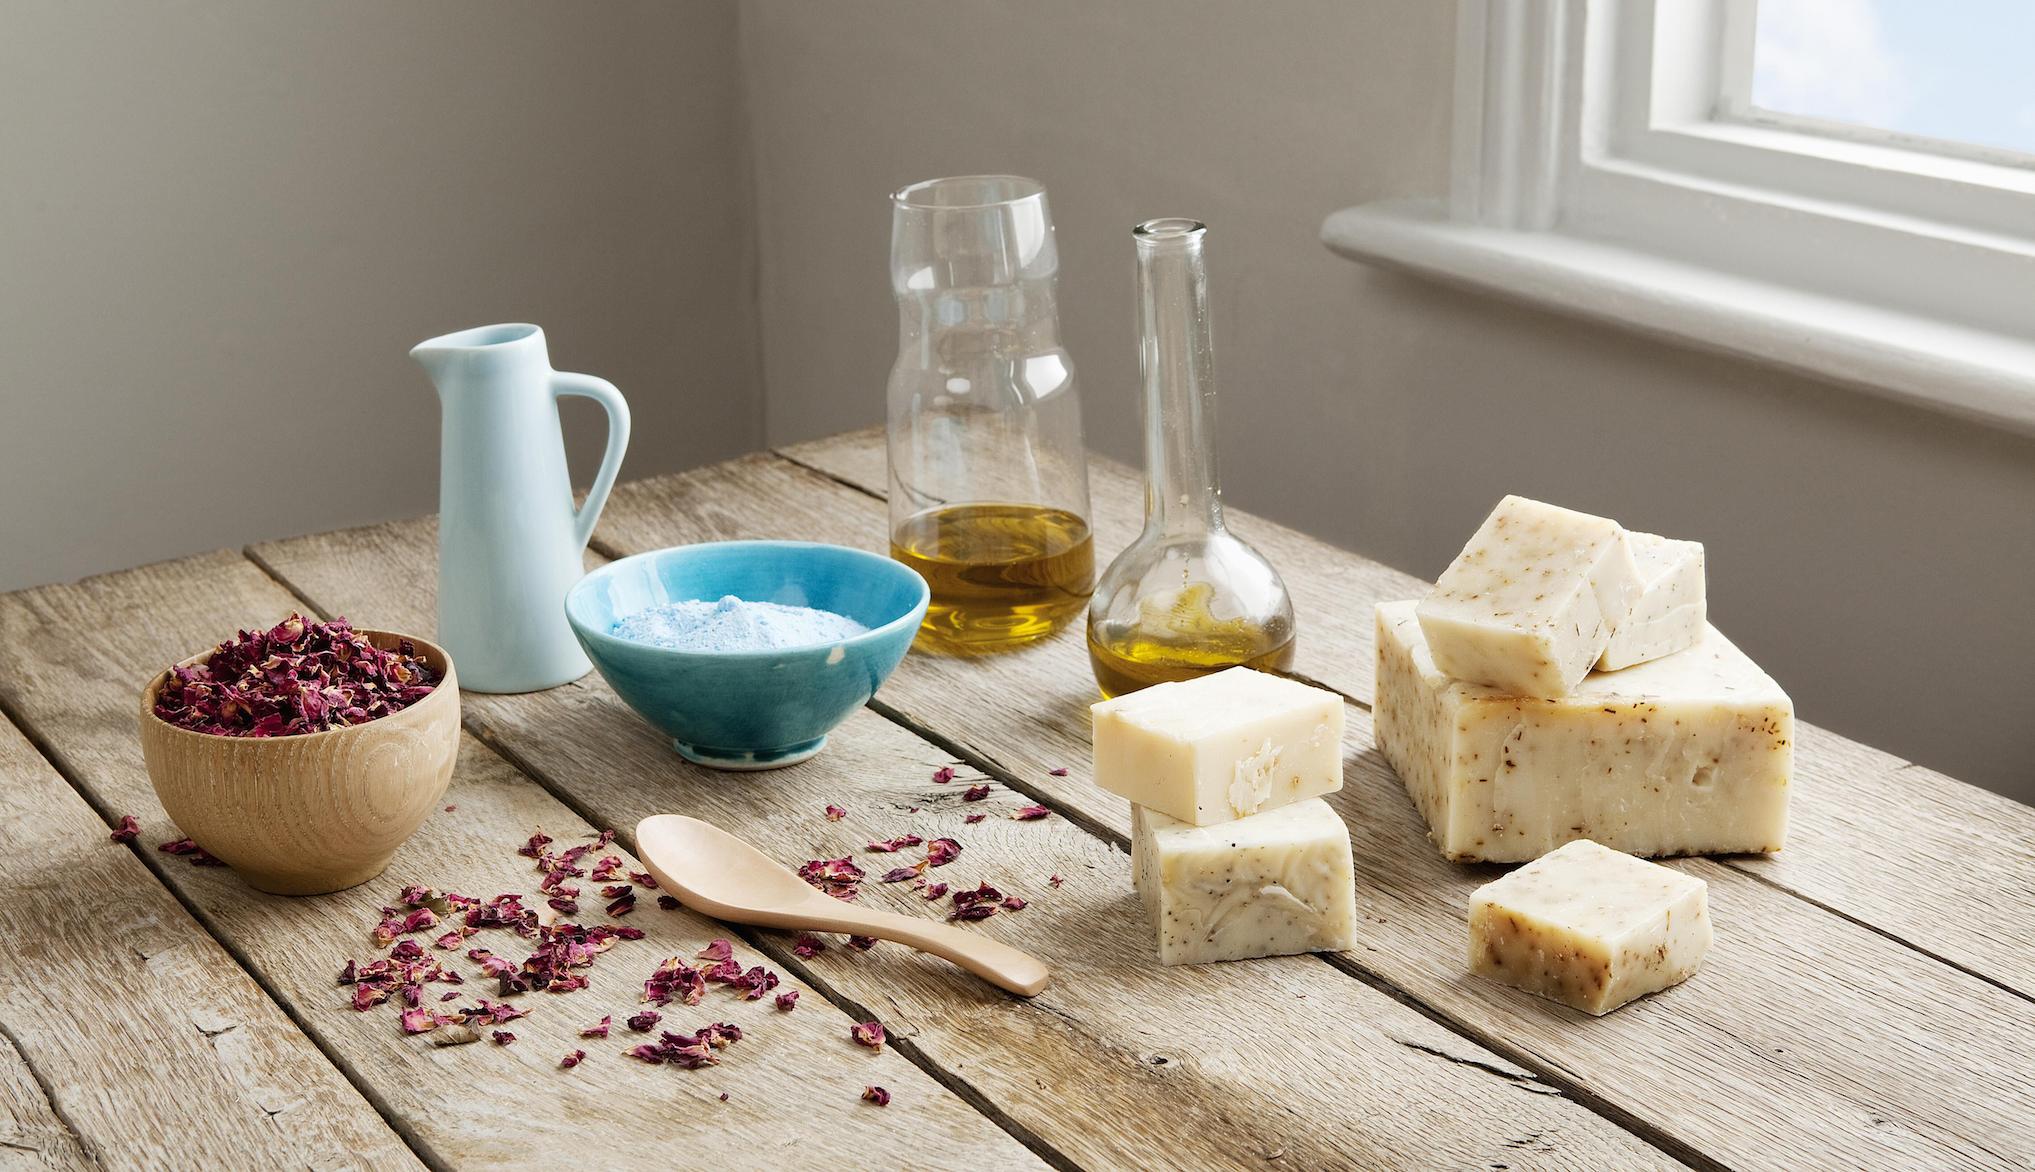 Atelier : Faire son savon artisanal avec la saponification à froid